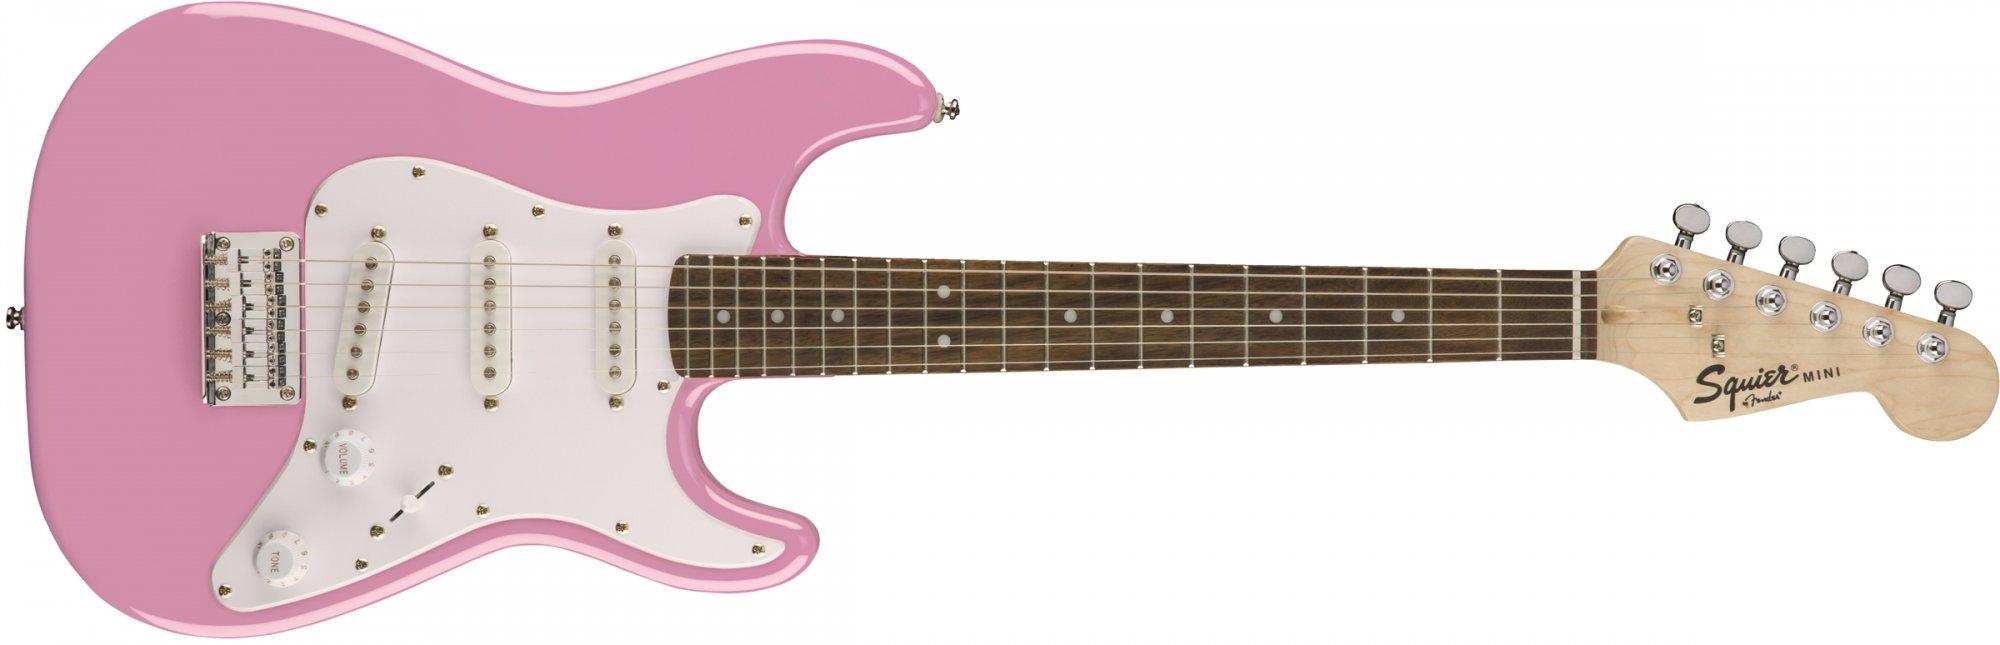 Squire MIni RW Pink